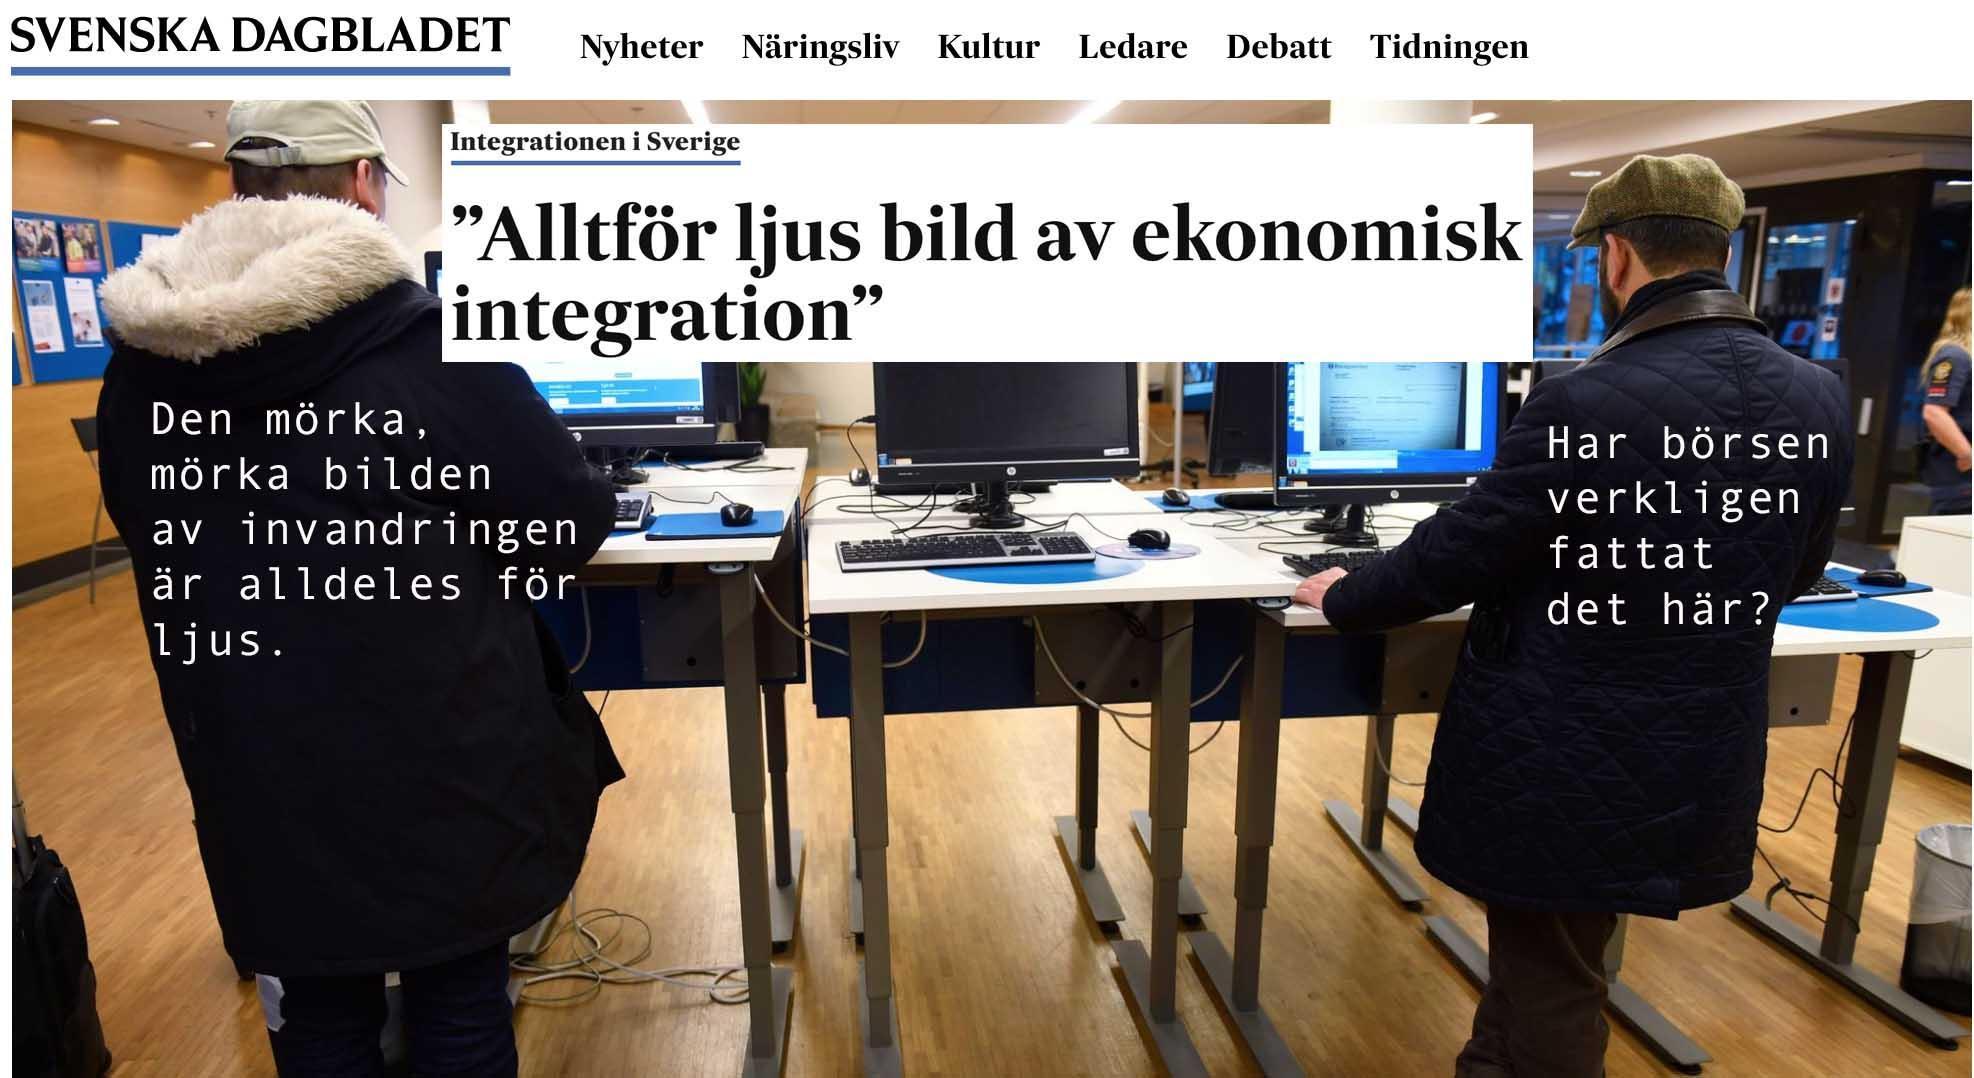 Invandringsbubblan: 90% bidragsberoende i sex år. 70% på sikt. Och Sverige har skaffat sig 15% strukturell arbetslöshet. I evighet. Amen.